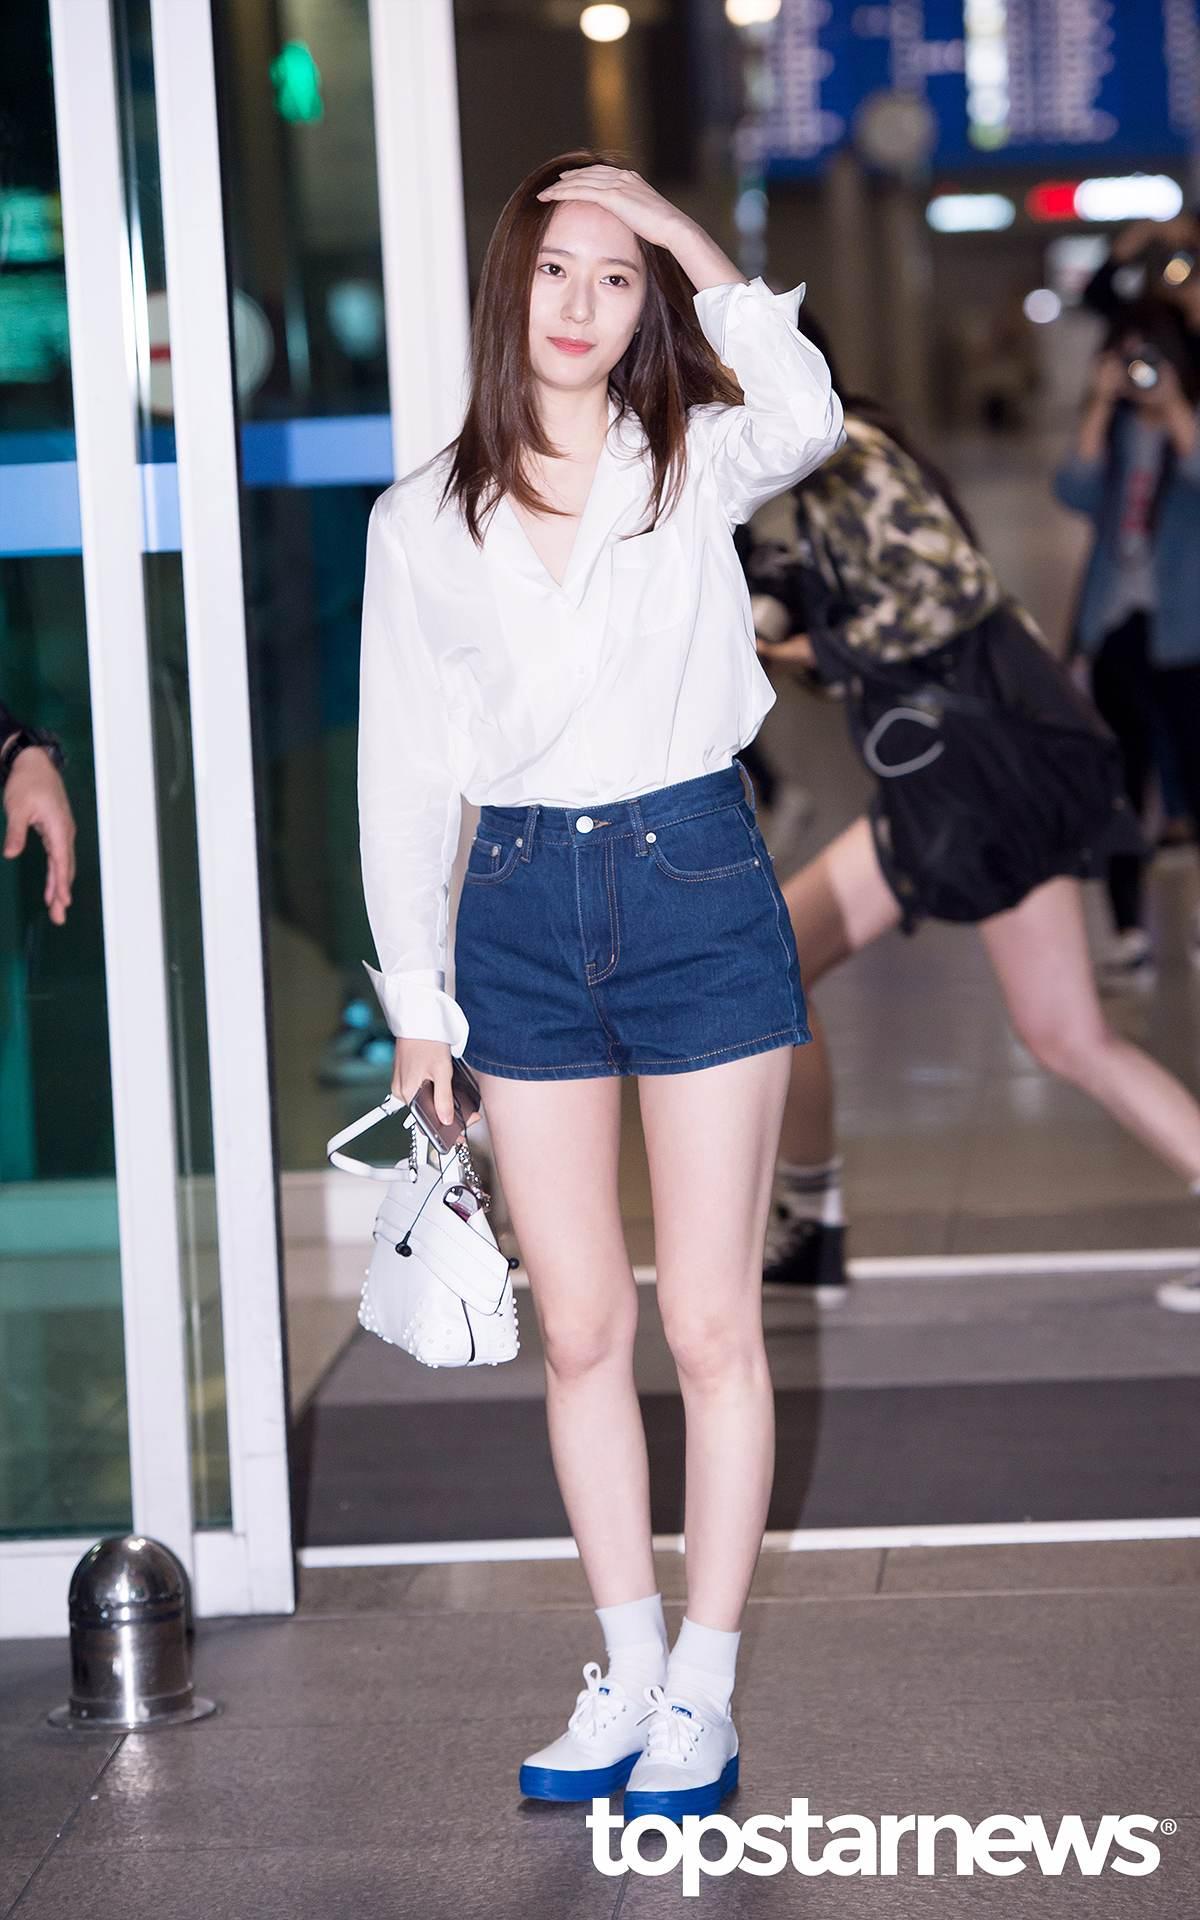 即使搭白襯衫配牛仔短褲,也能像走伸展台一般時尚!